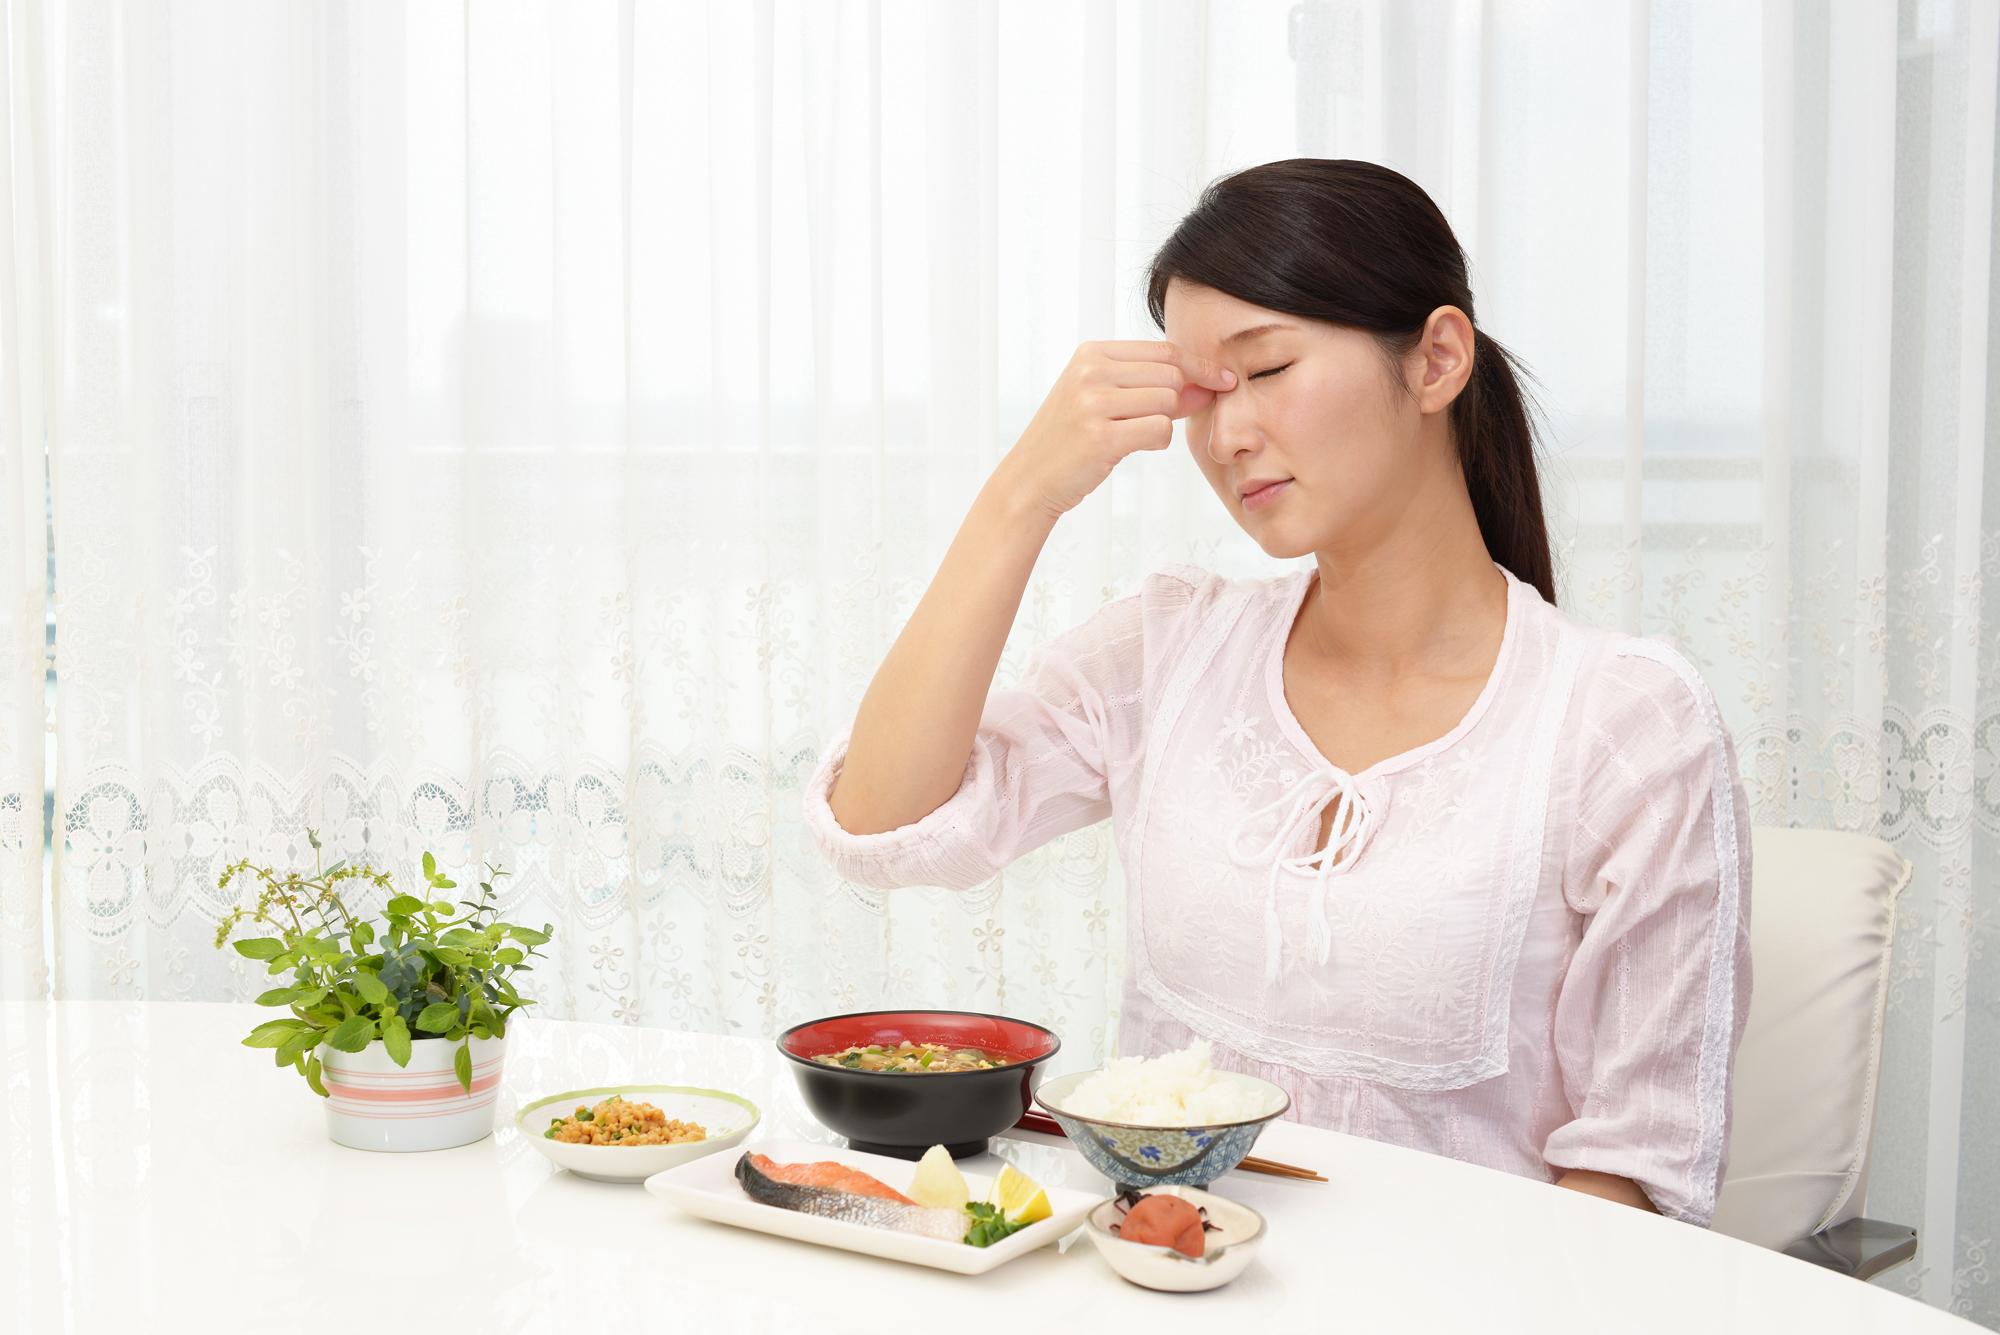 体調が悪い食事中の女性